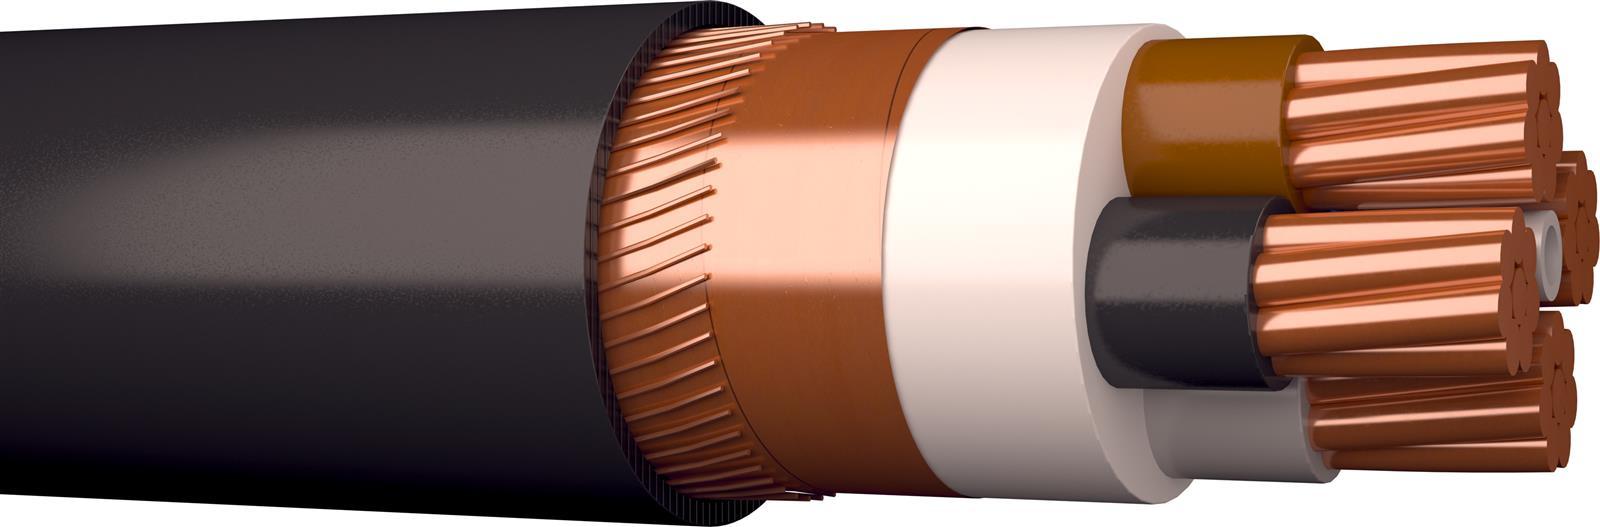 FXQJ-EMC PURE 4X6 FR/6